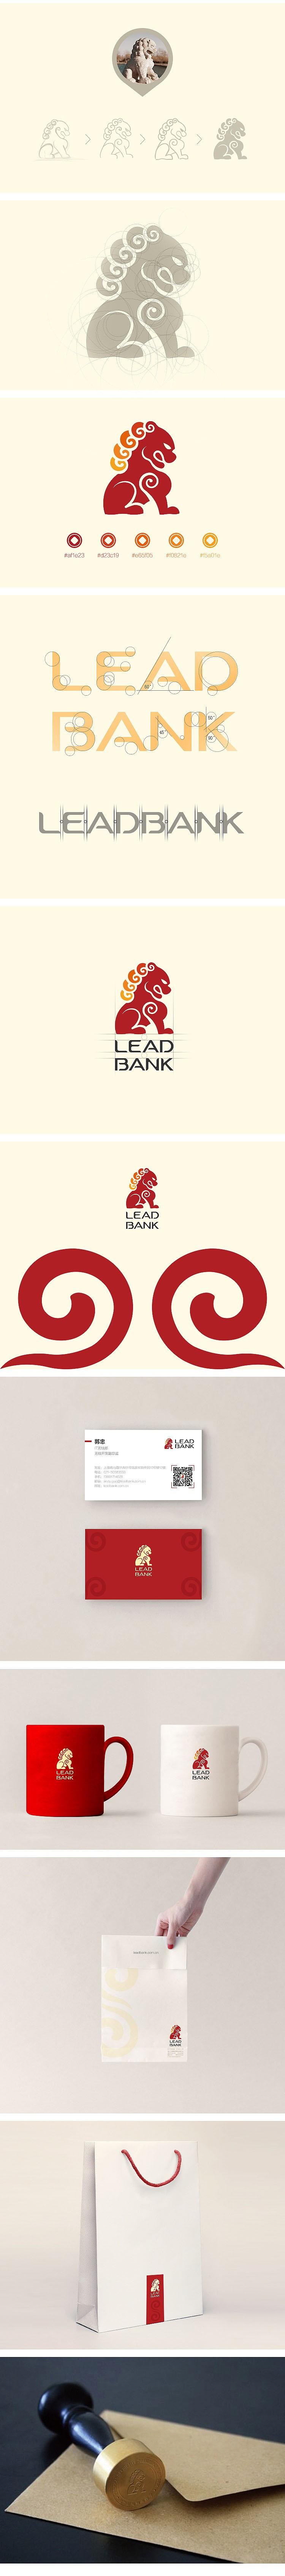 利得金融logo设计及视觉形象